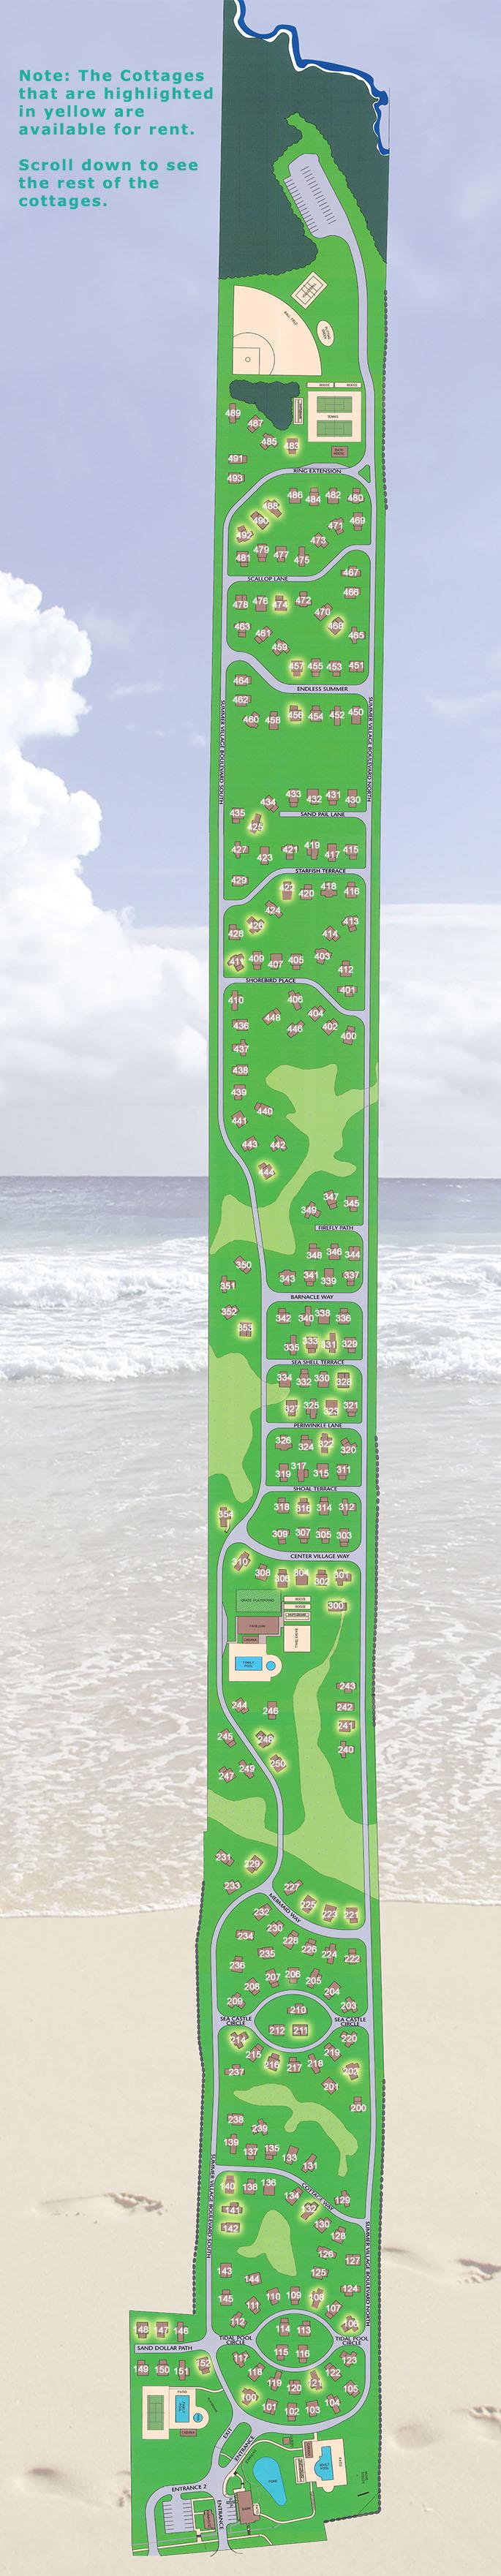 Sitemap of cottages at Cottages at Summer Village